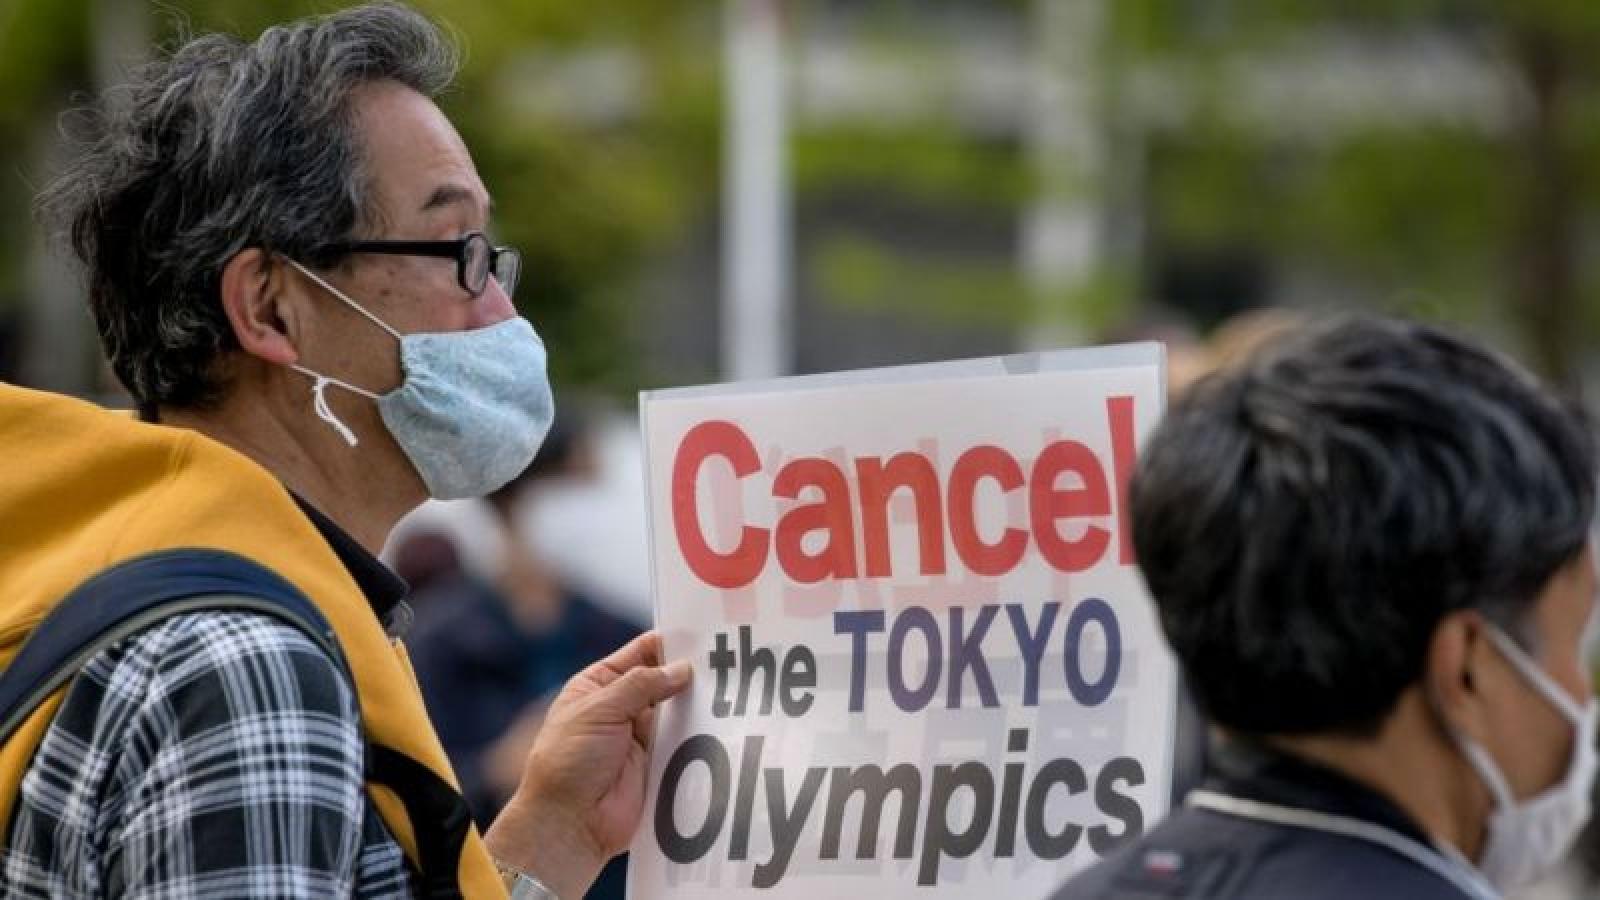 Tỷ lệ người dân Nhật Bản muốn hủy hoặc hoãn Olympic Tokyo tăng kỷ lục